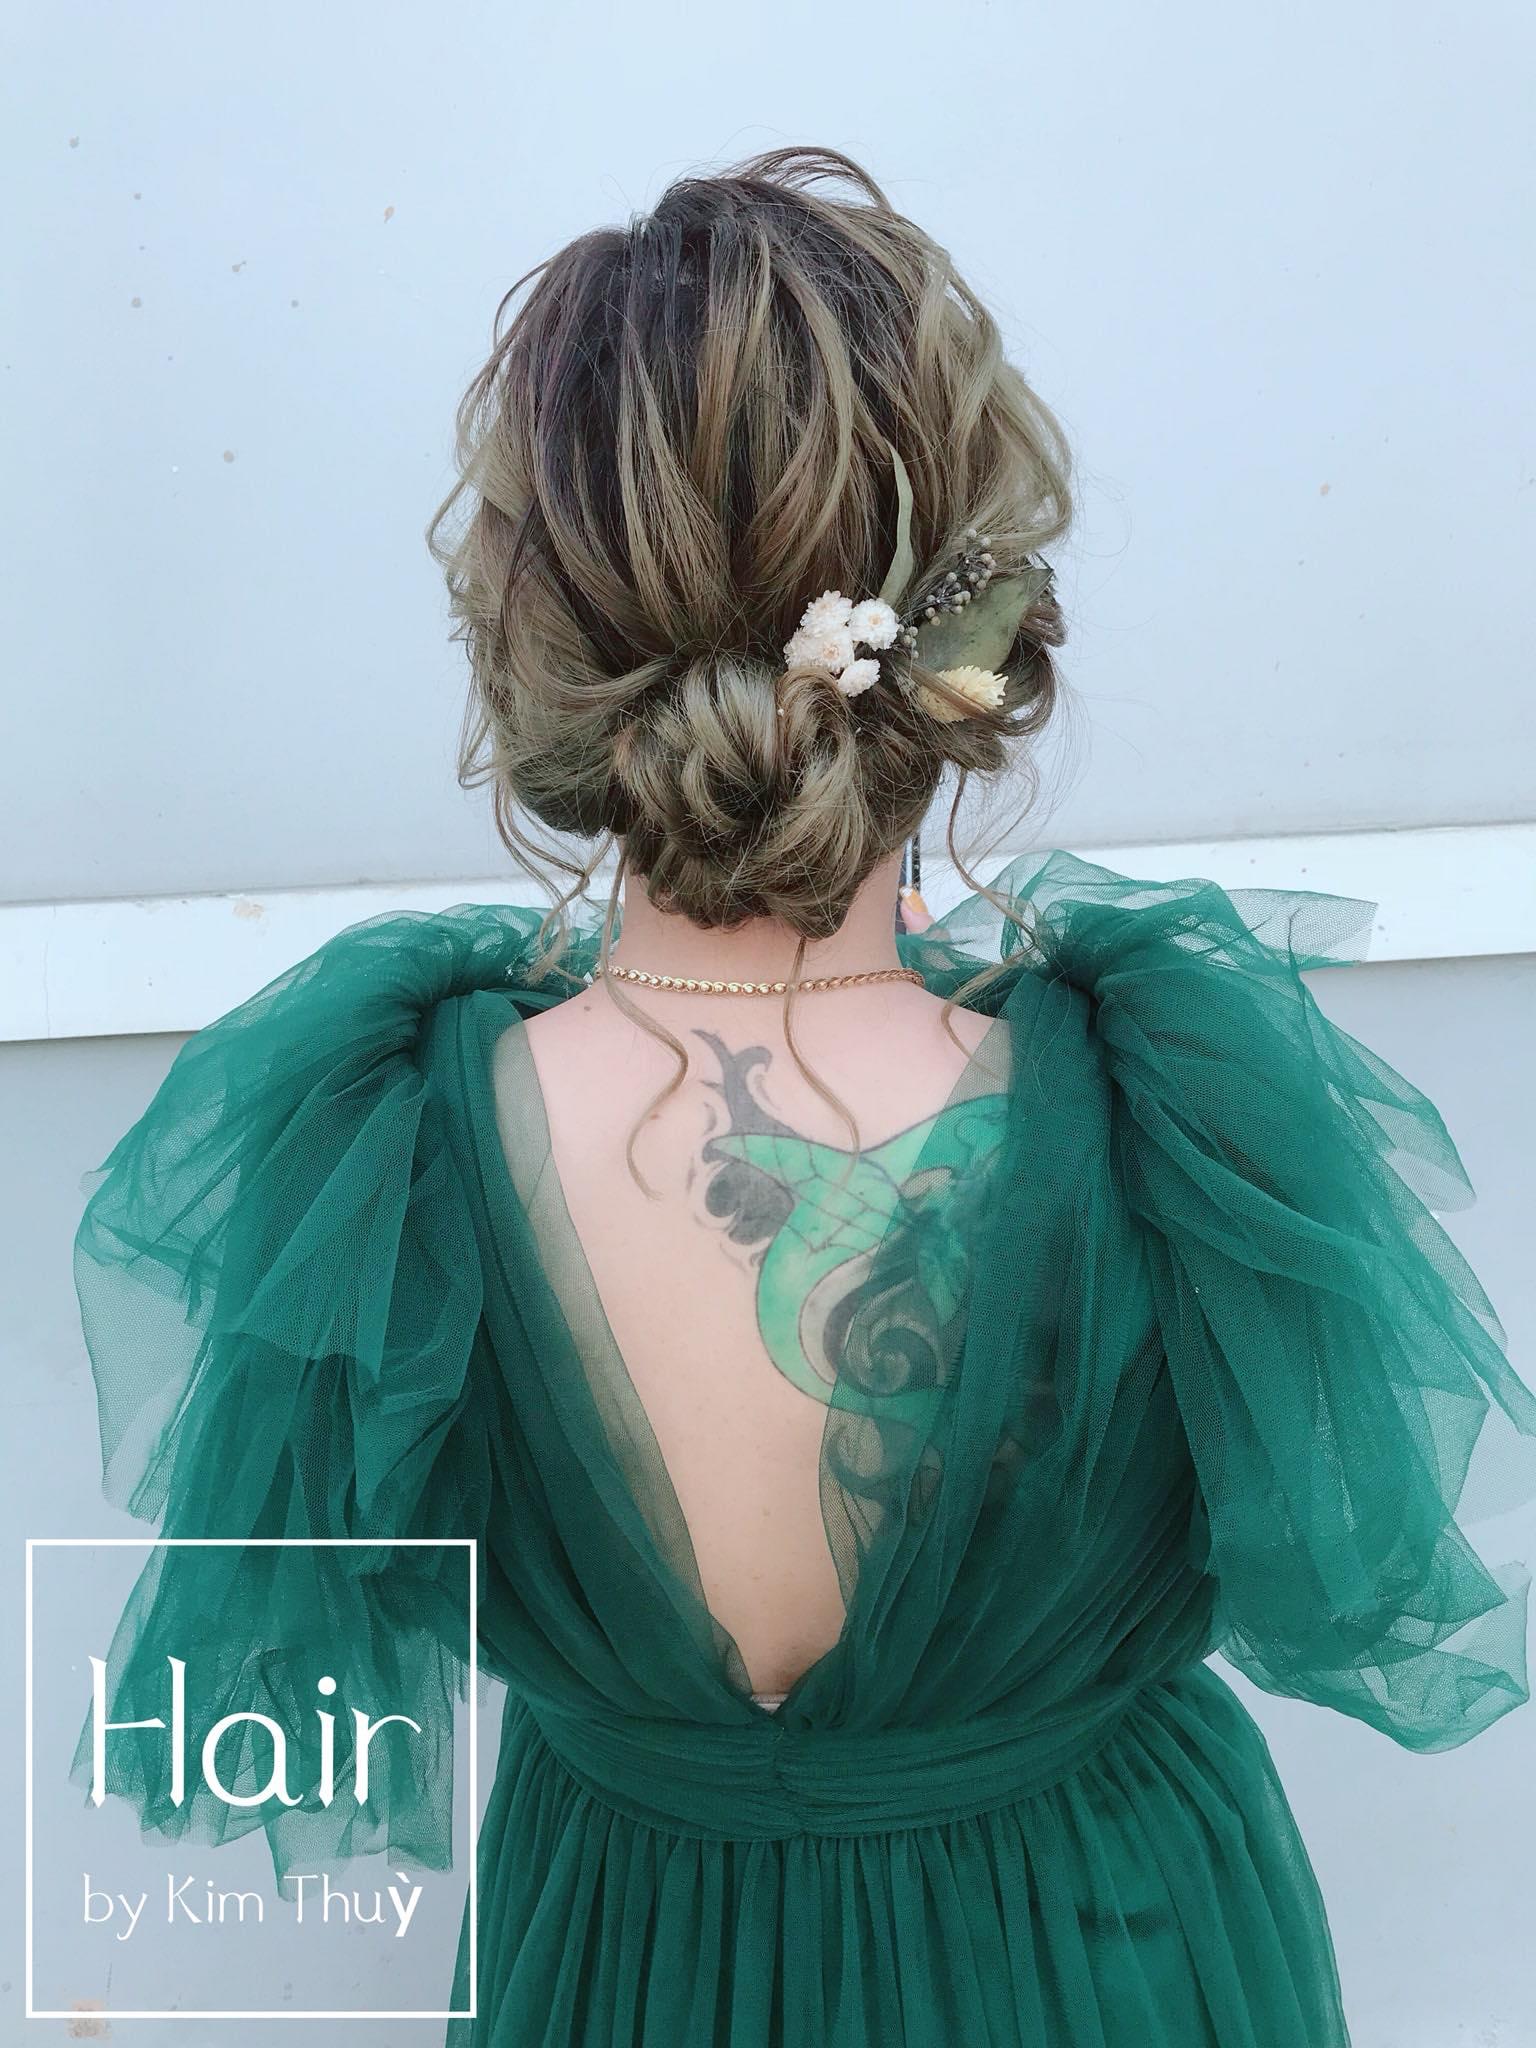 Top 5 tiệm trang điểm cô dâu đẹp nhất tại Hội An -  Kim Thuỳ MakeUp